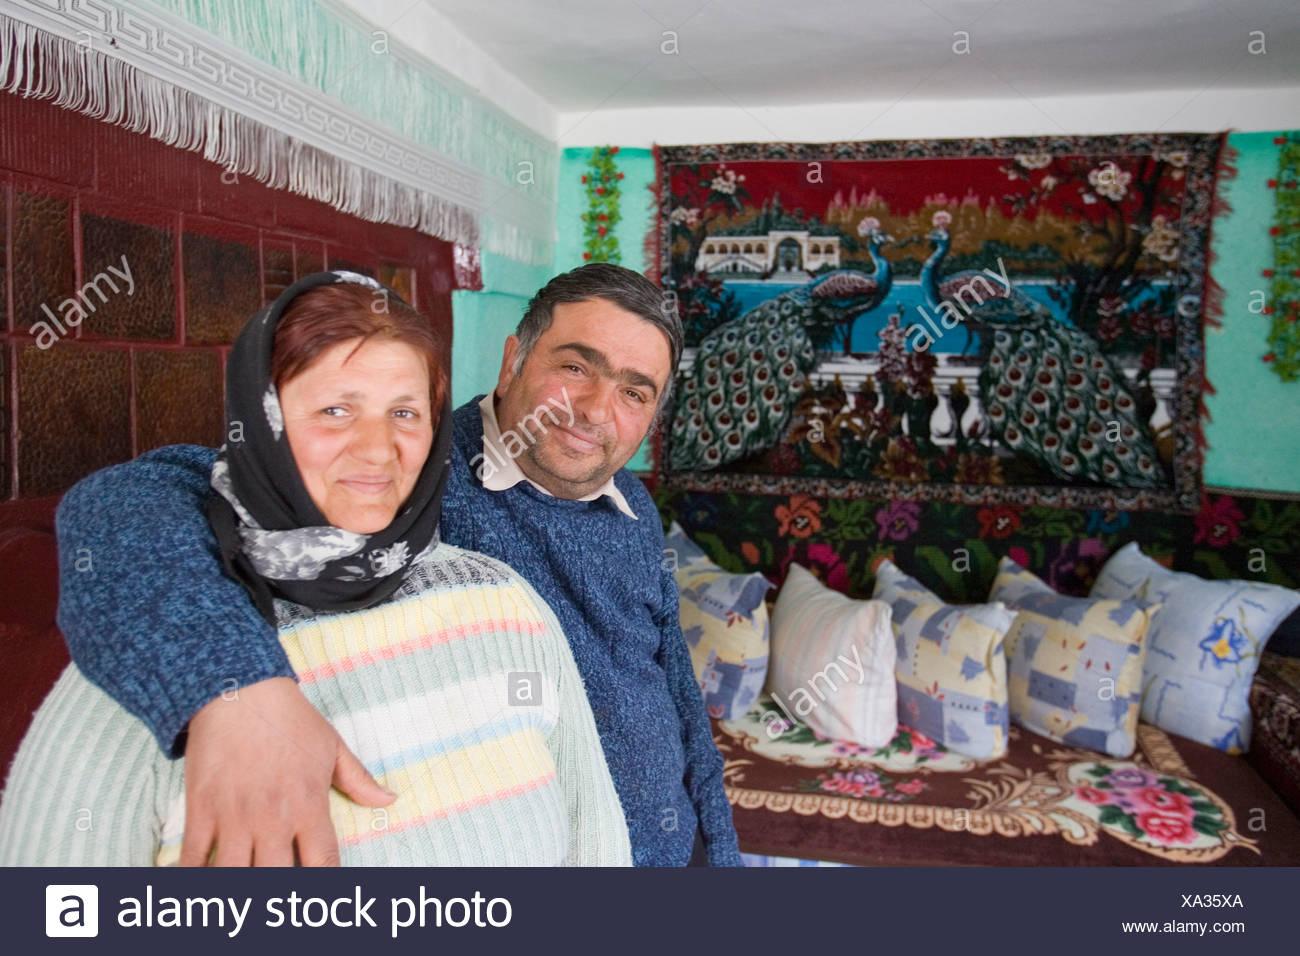 Simple Roma housing, Gulia, Romania - Stock Image